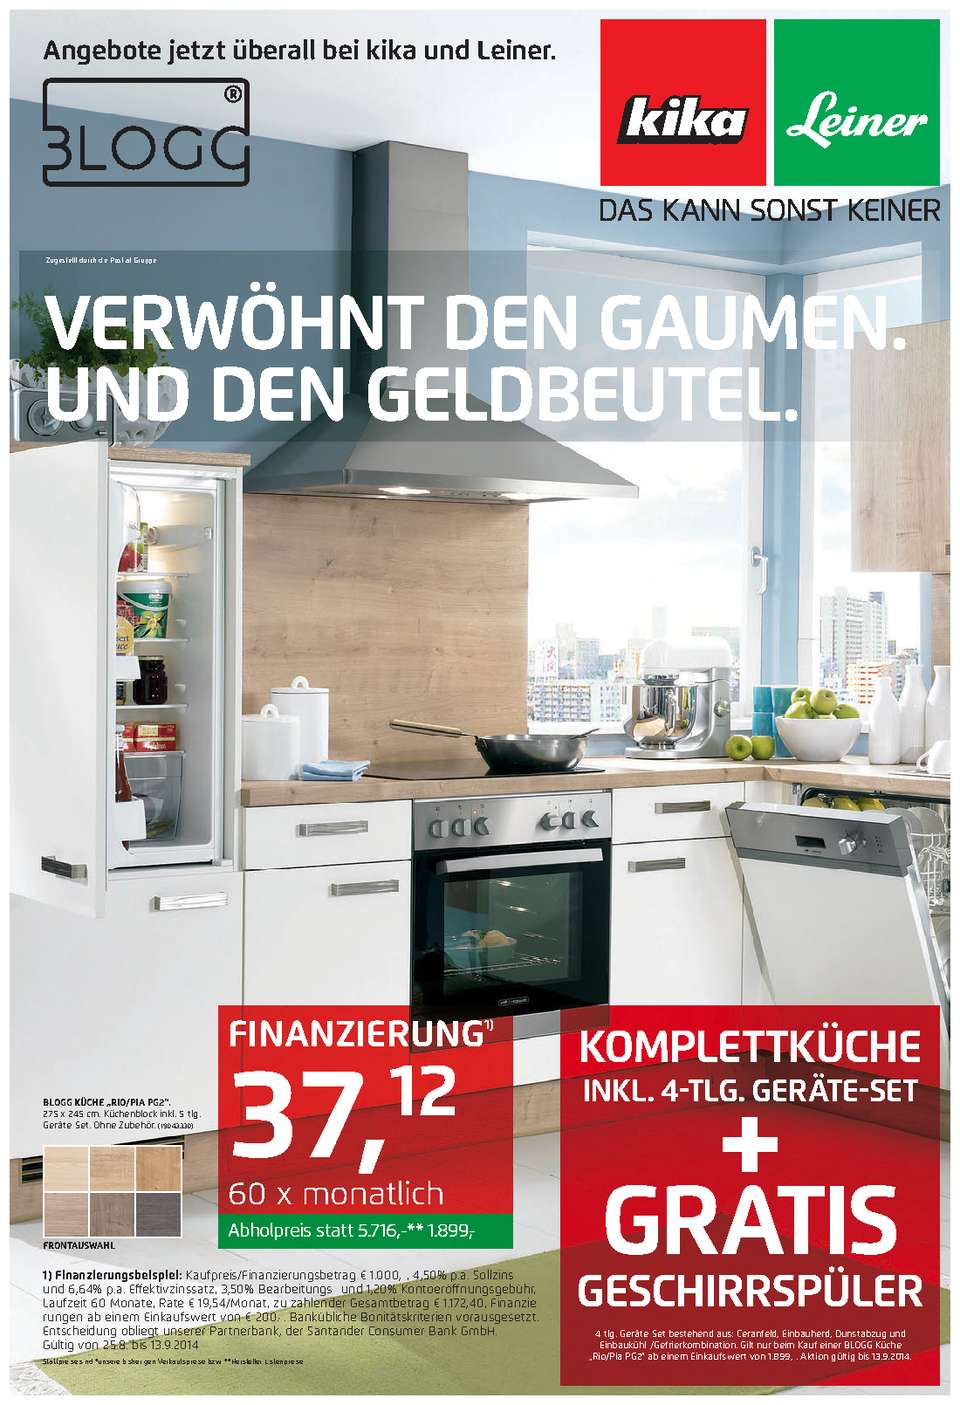 Full Size of Roller Komplettküche Teppich Küchekomplettküche Mit Elektrogeräten Willhaben Komplettküche Komplettküche Kaufen Küche Komplettküche